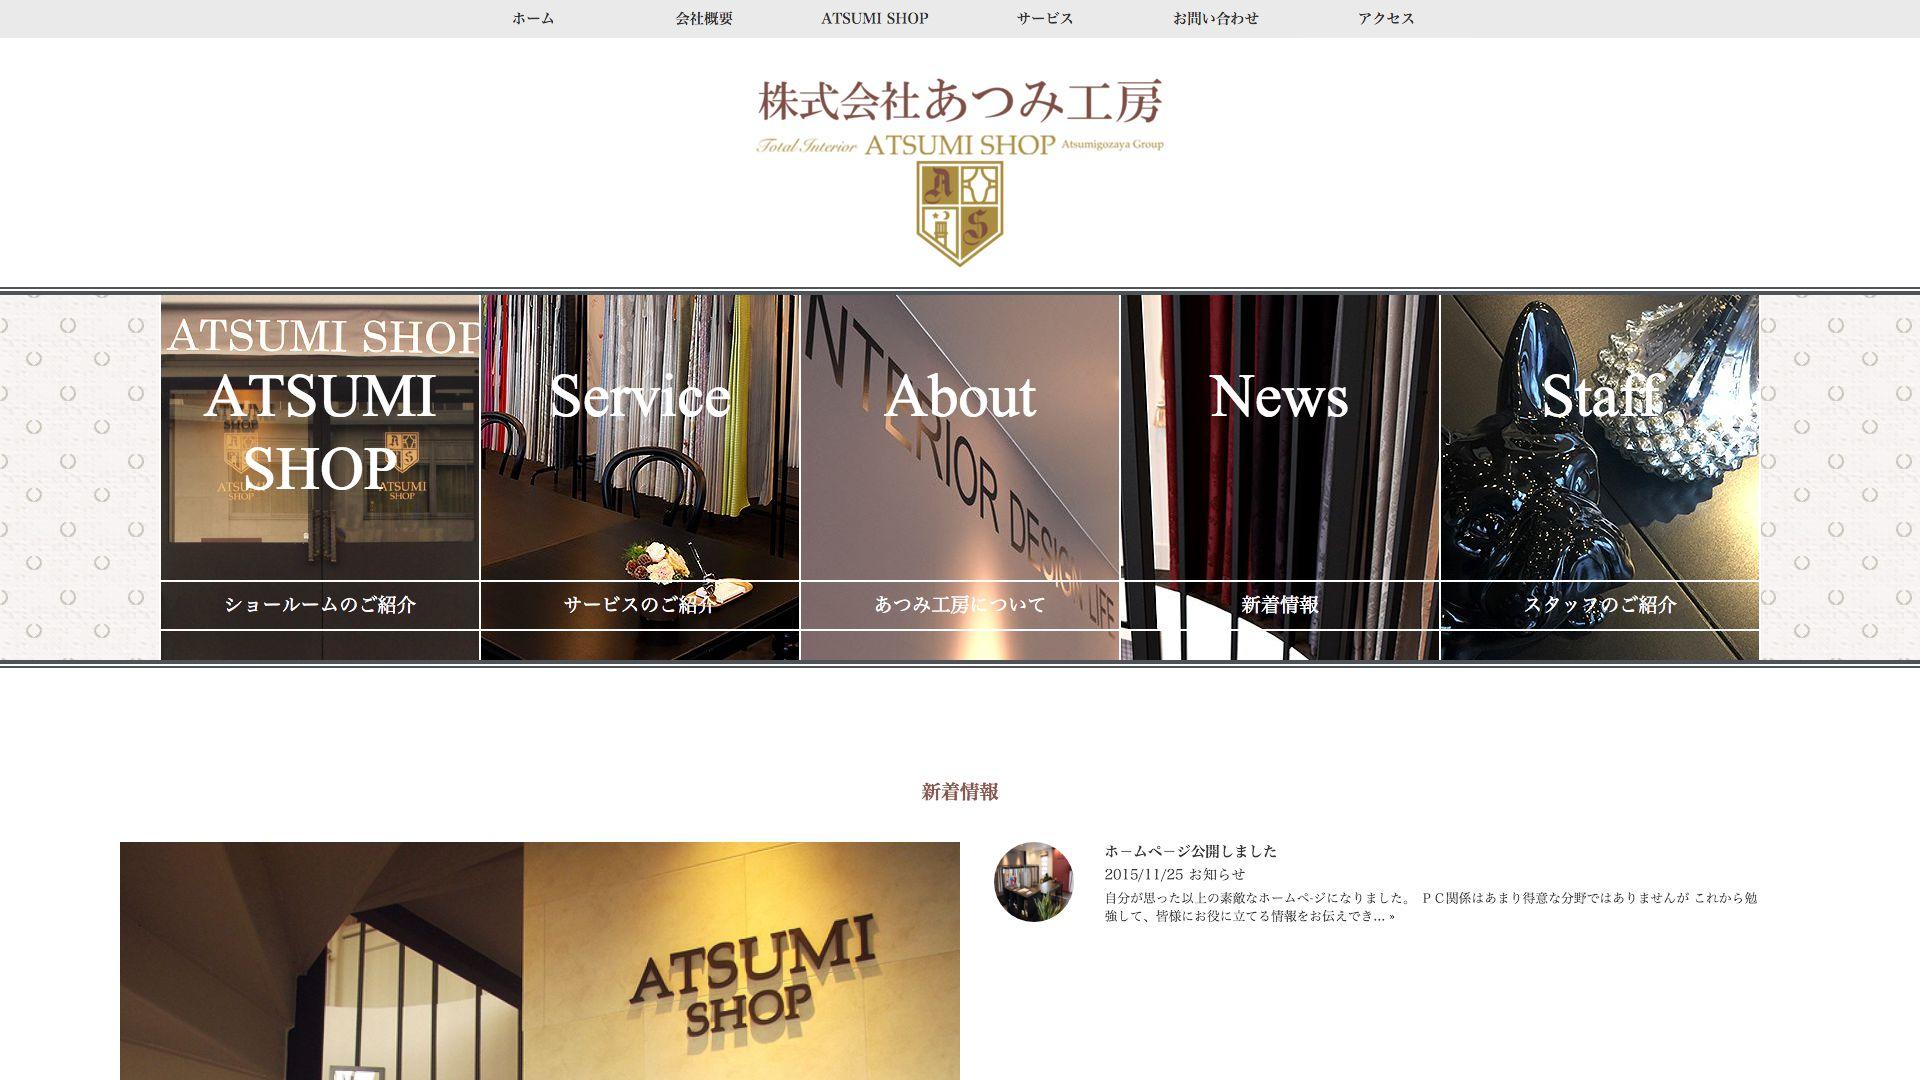 株式会社あつみ工房 ATSUMI SHOP